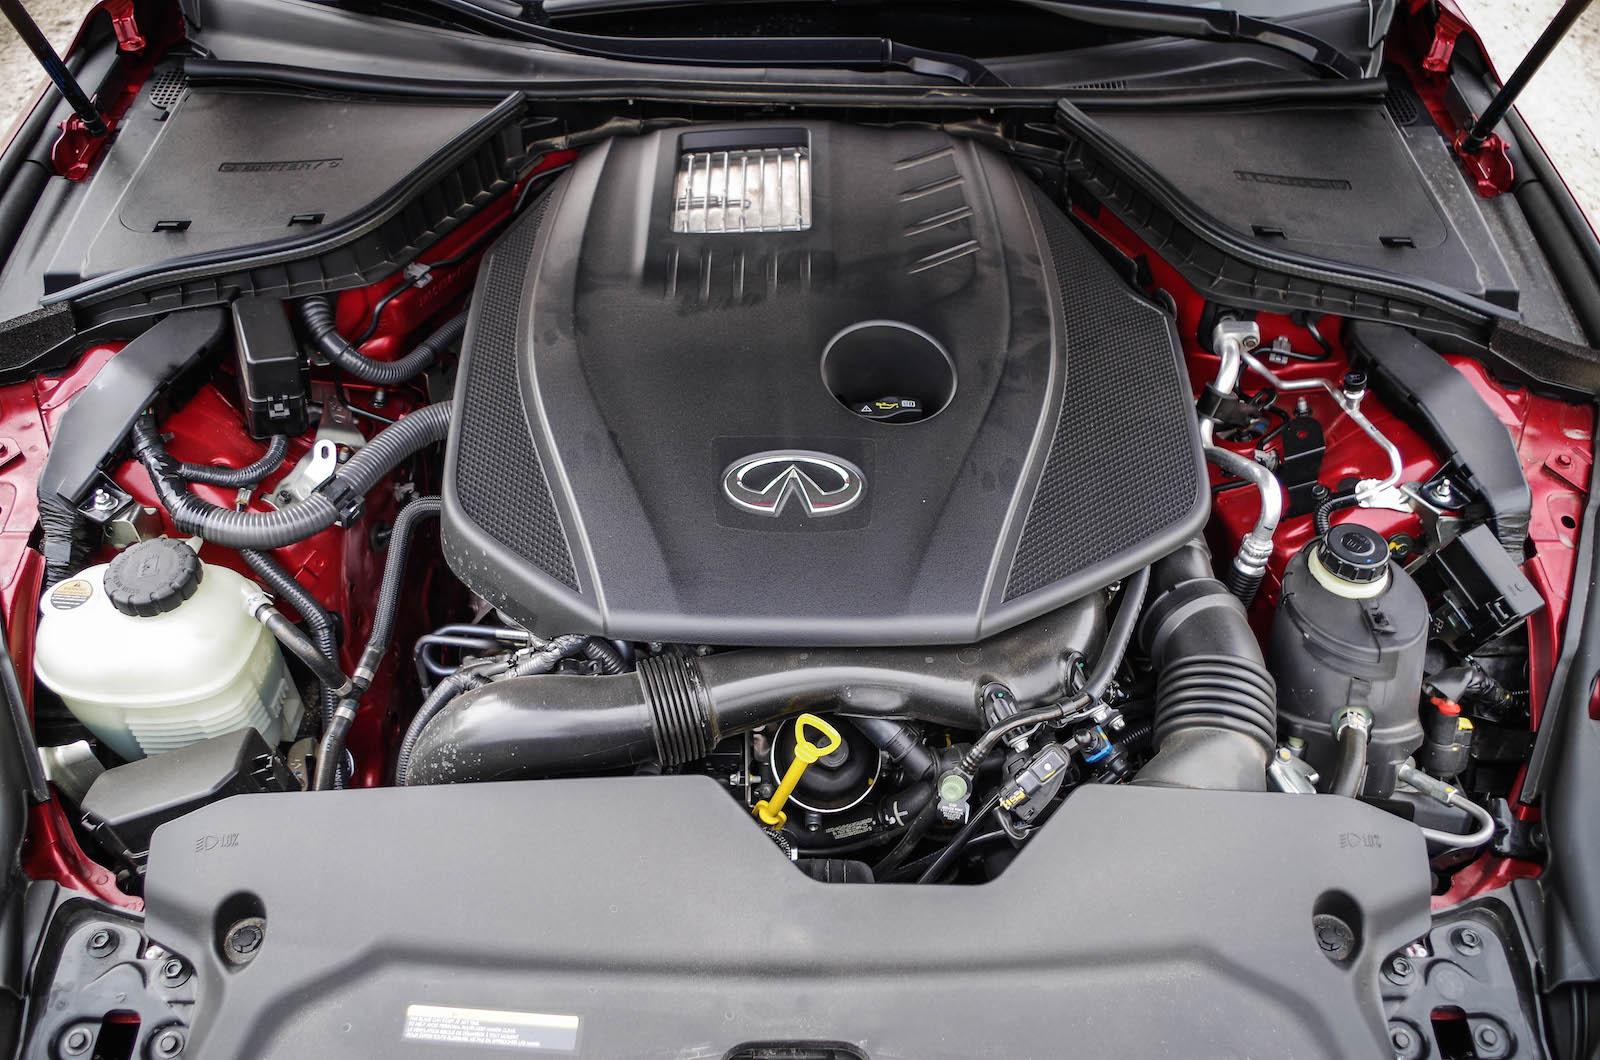 Infiniti q50s engine